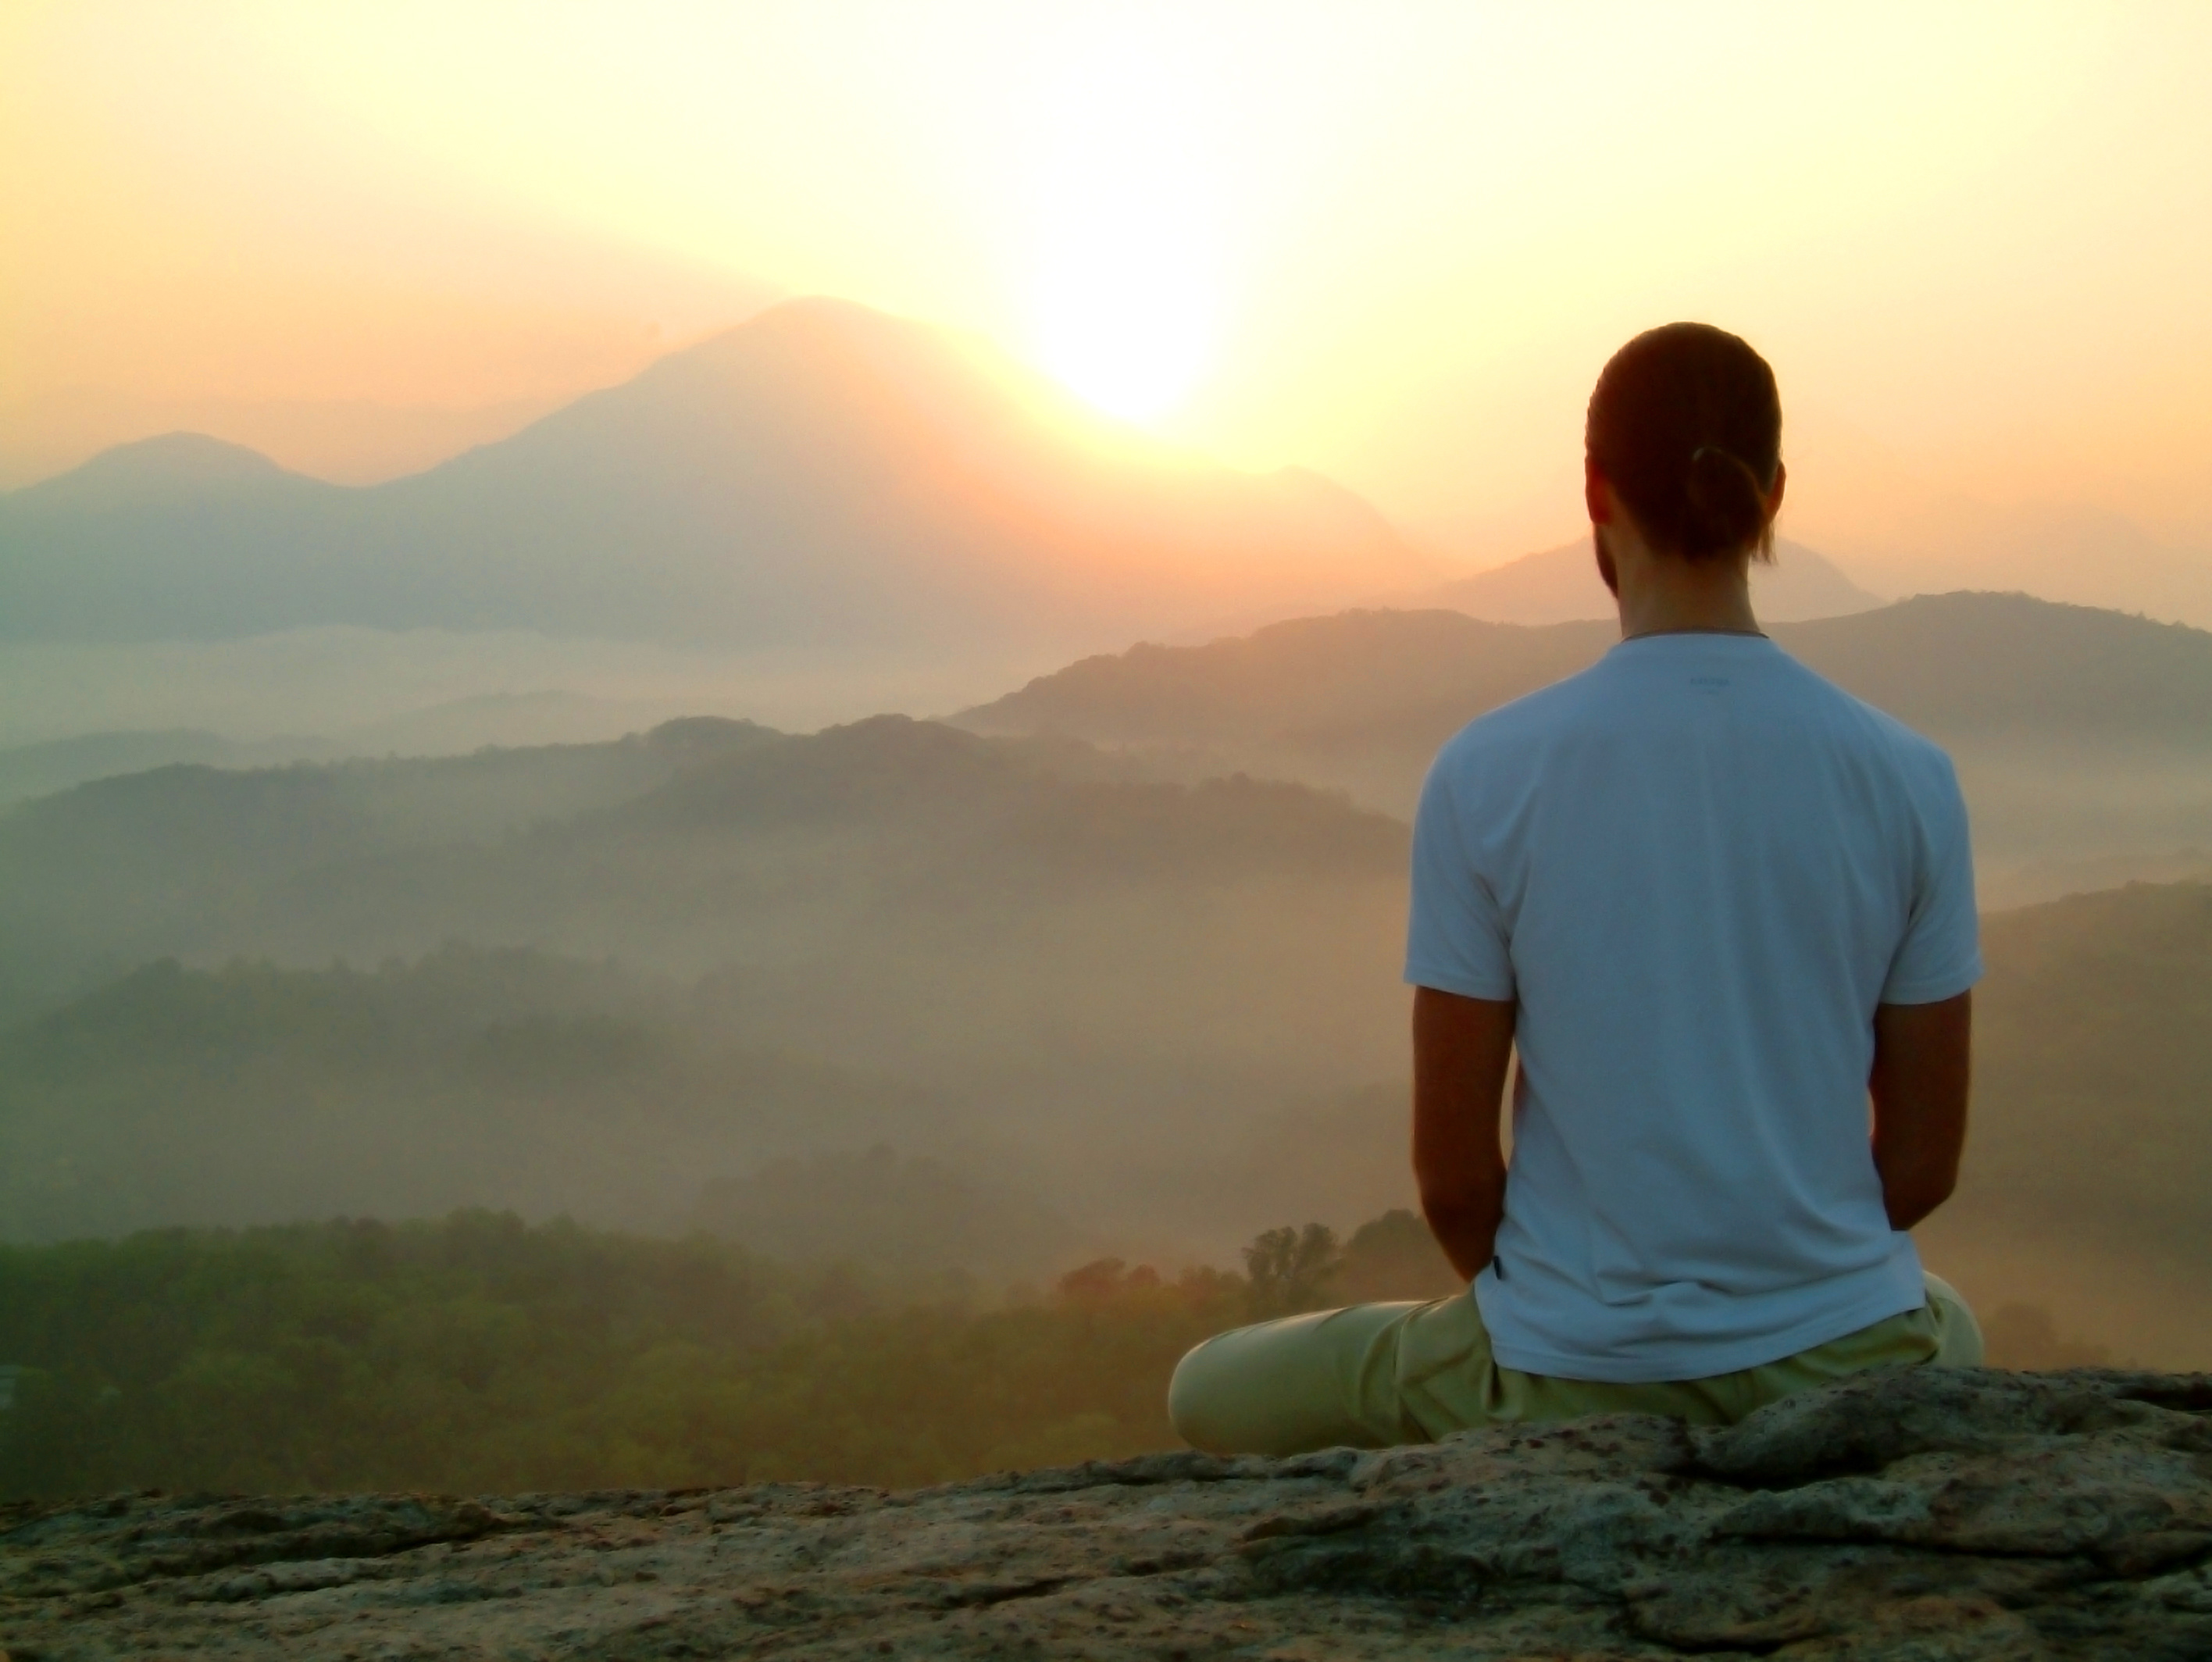 RO i orkanens øje - Stress reducerende yoga forløb, efterår 2019